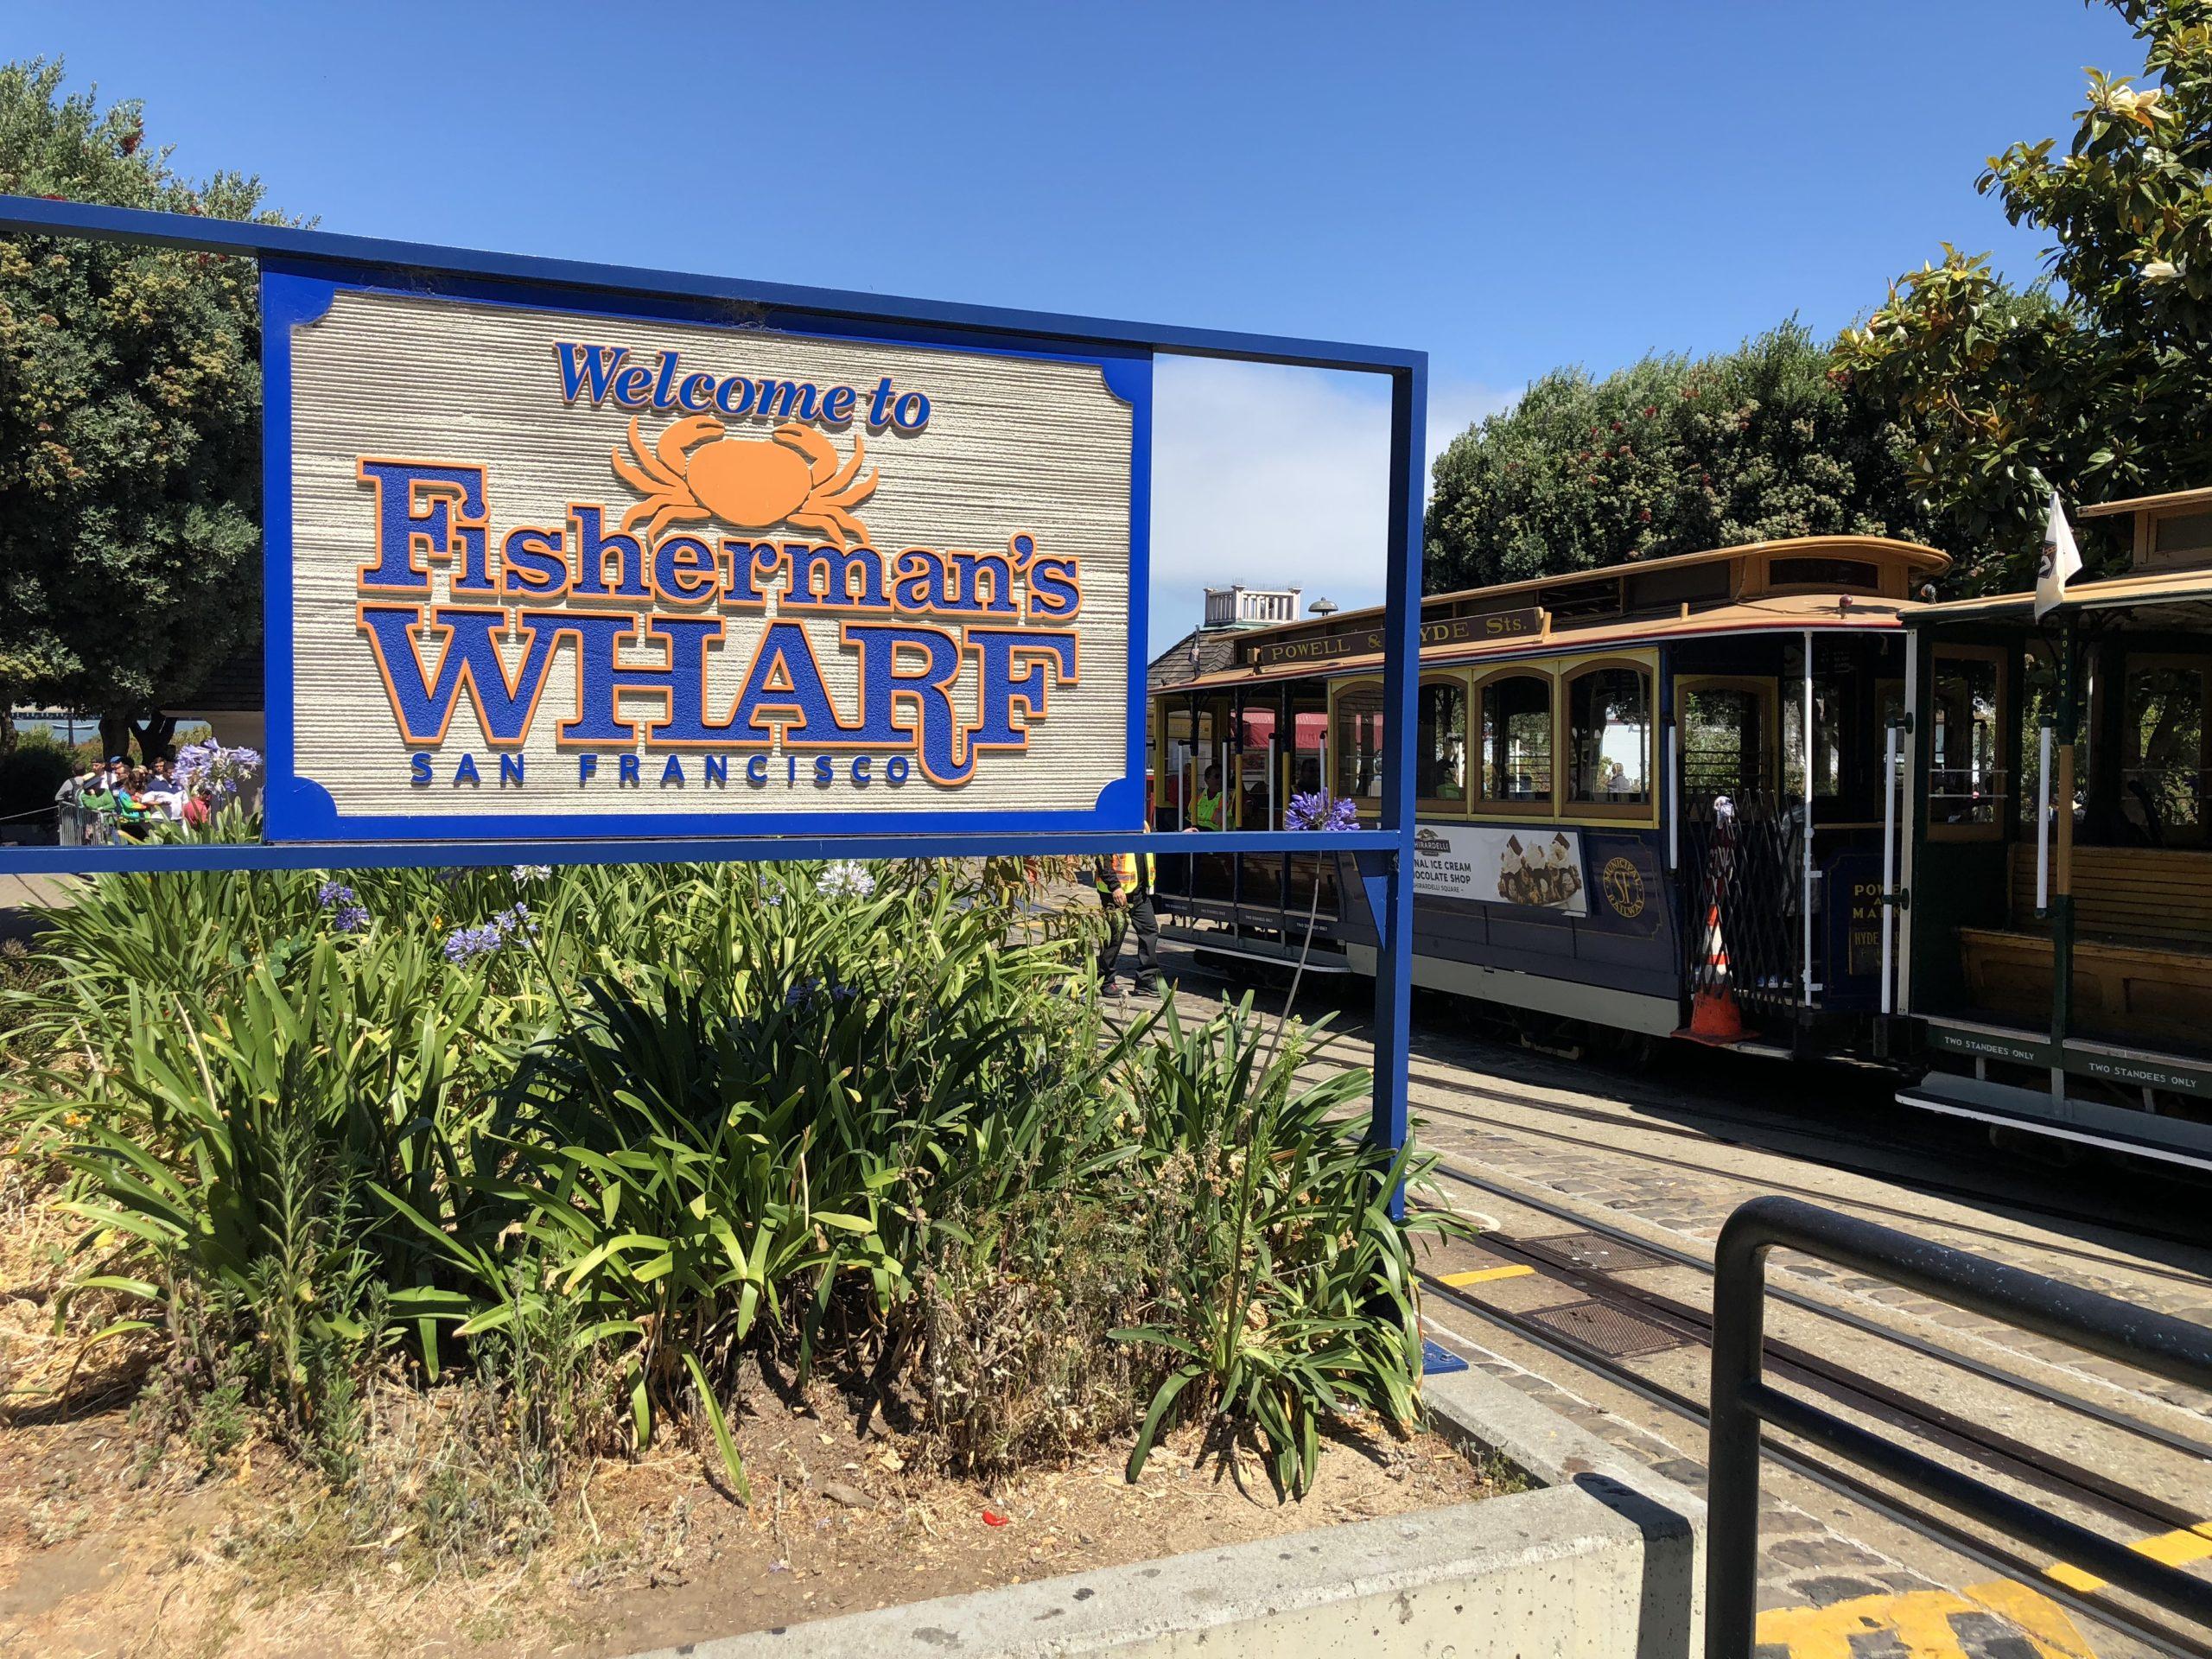 Cable car at Fisherman's Wharf